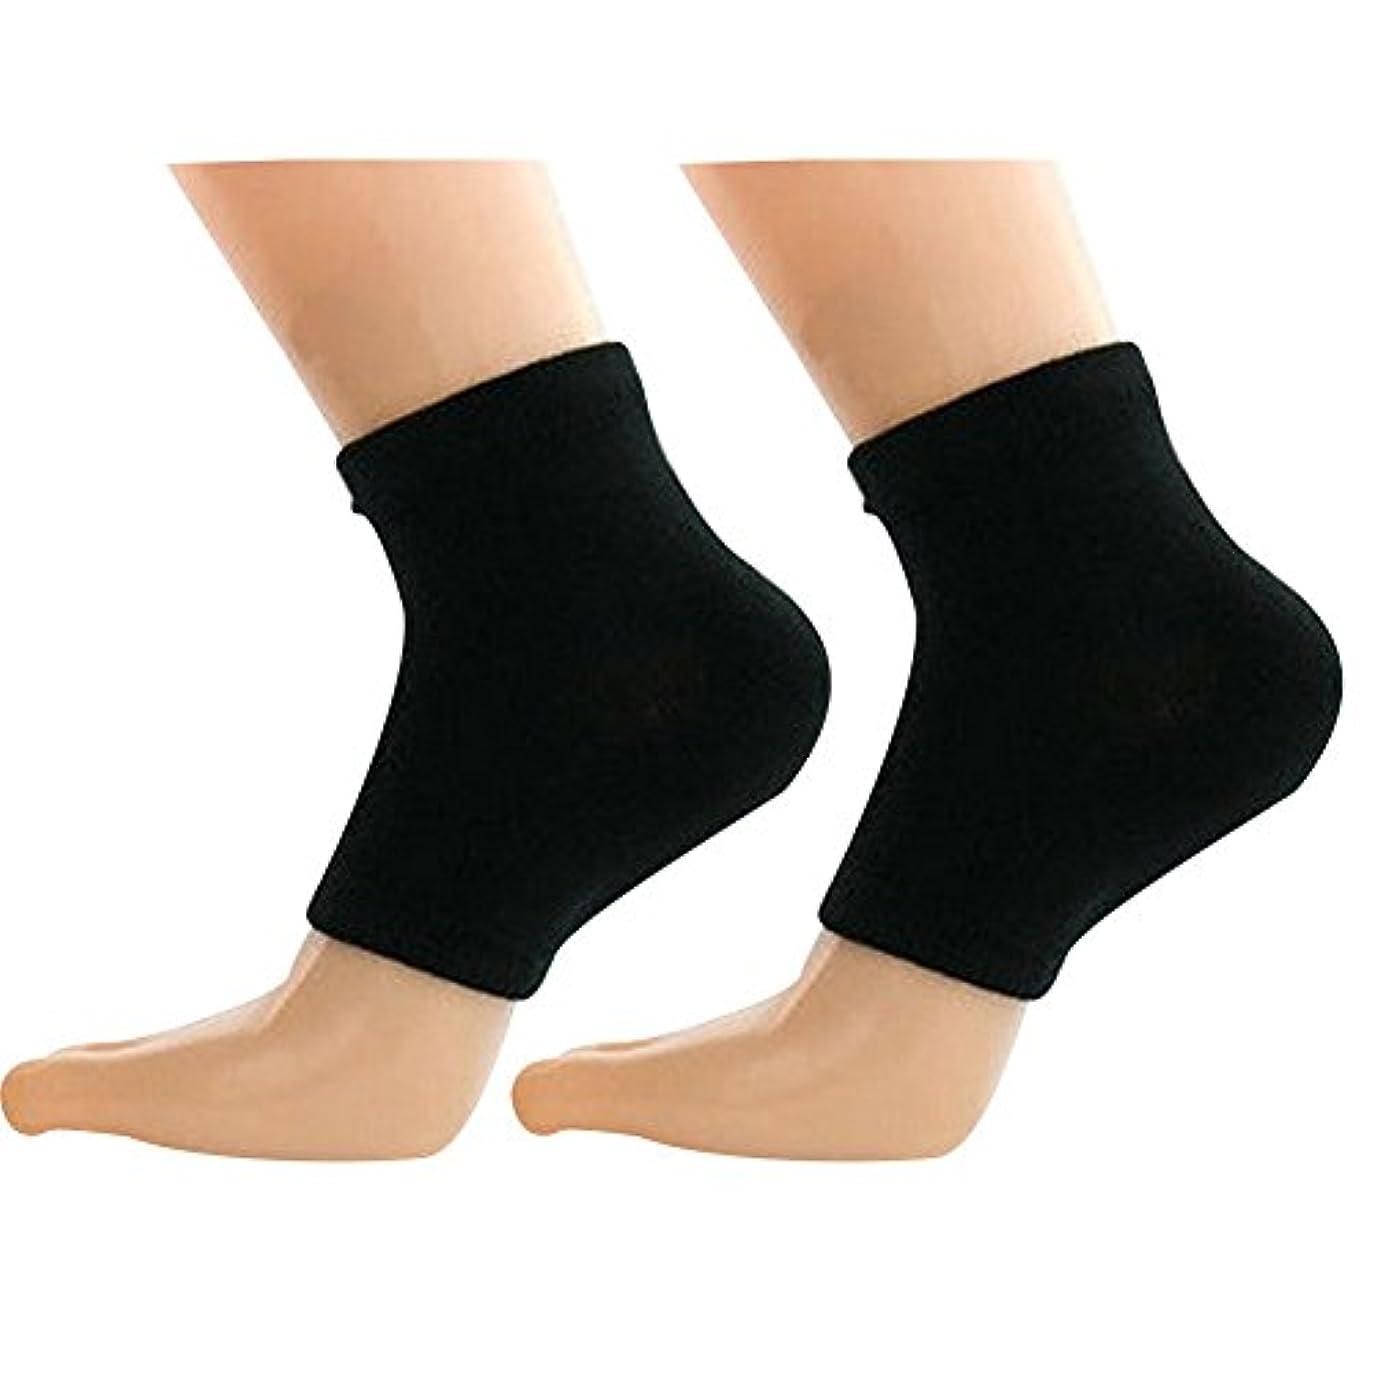 に勝る歴史黒板QIAONAI レディース用 メンズ用 踵用カバー かかと 靴下 かかと ケア つるつる すべすべ 靴下 ソックス 角質ケア 保湿 角質除去 足ケア かかと 靴下 足首用サポーター  フリーサイズ (ブラック)